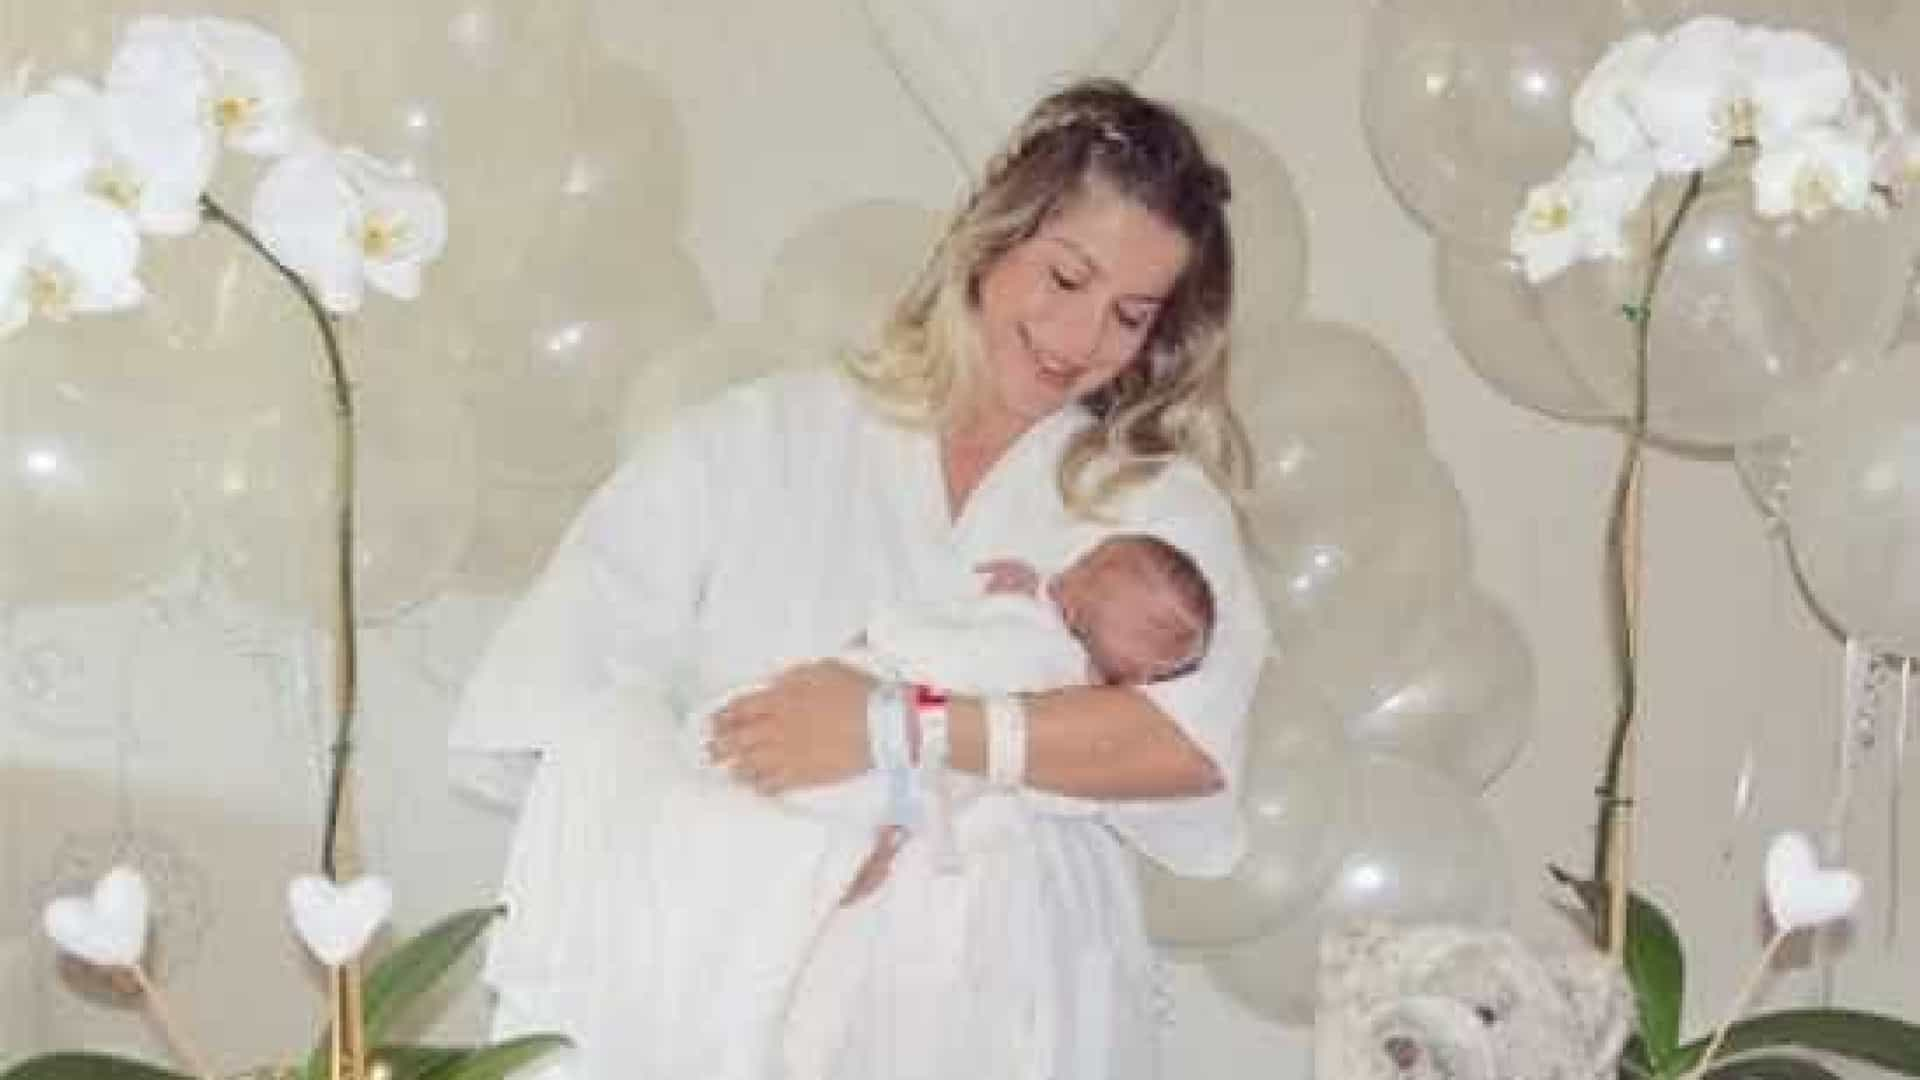 Nascido há 3 dias, filho de Bacchitem 140 mil seguidores no Instagram